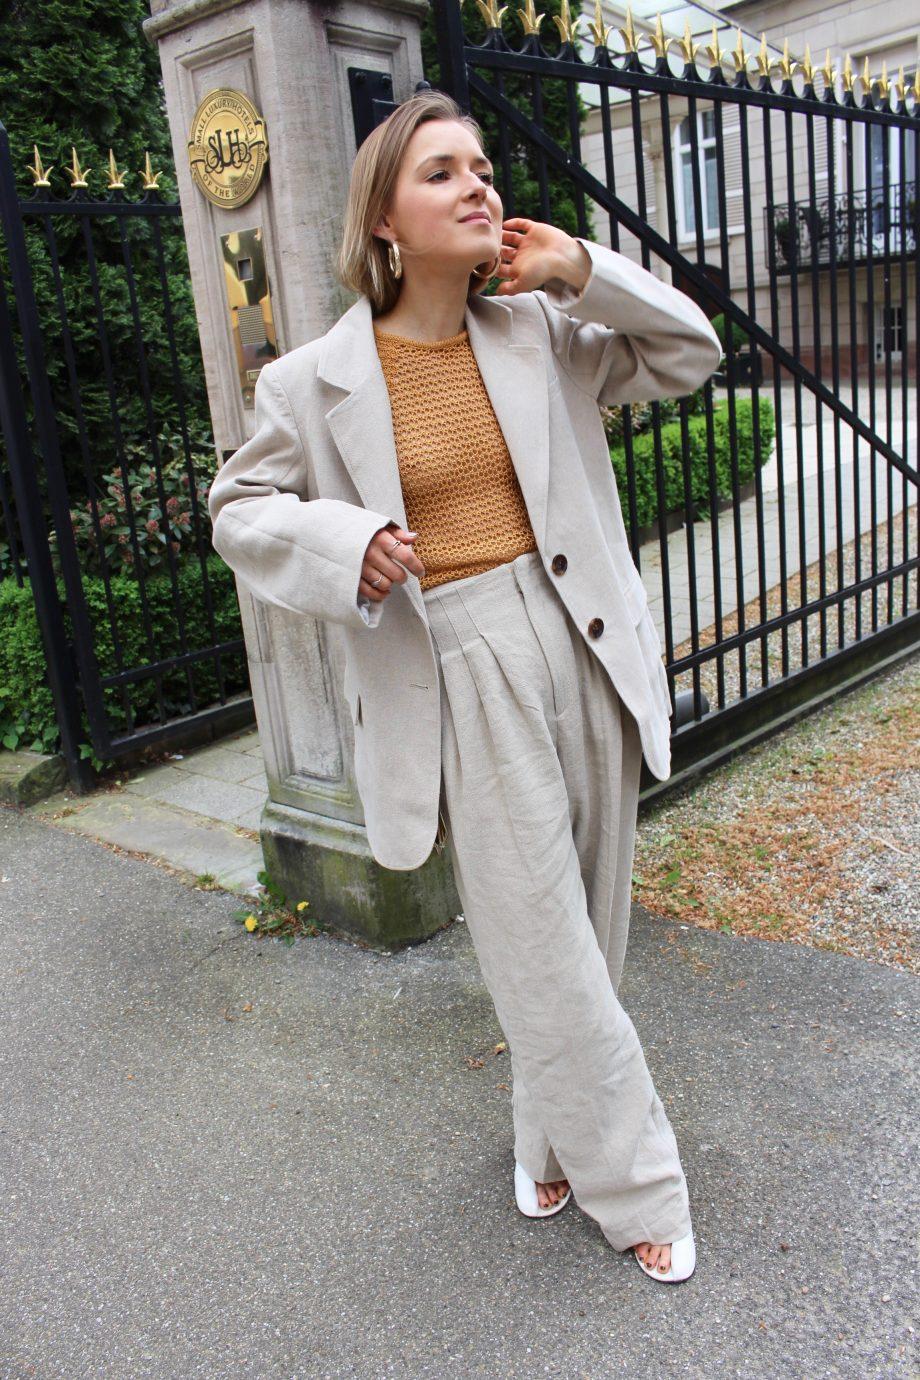 The Linen Suit |26.04.2018